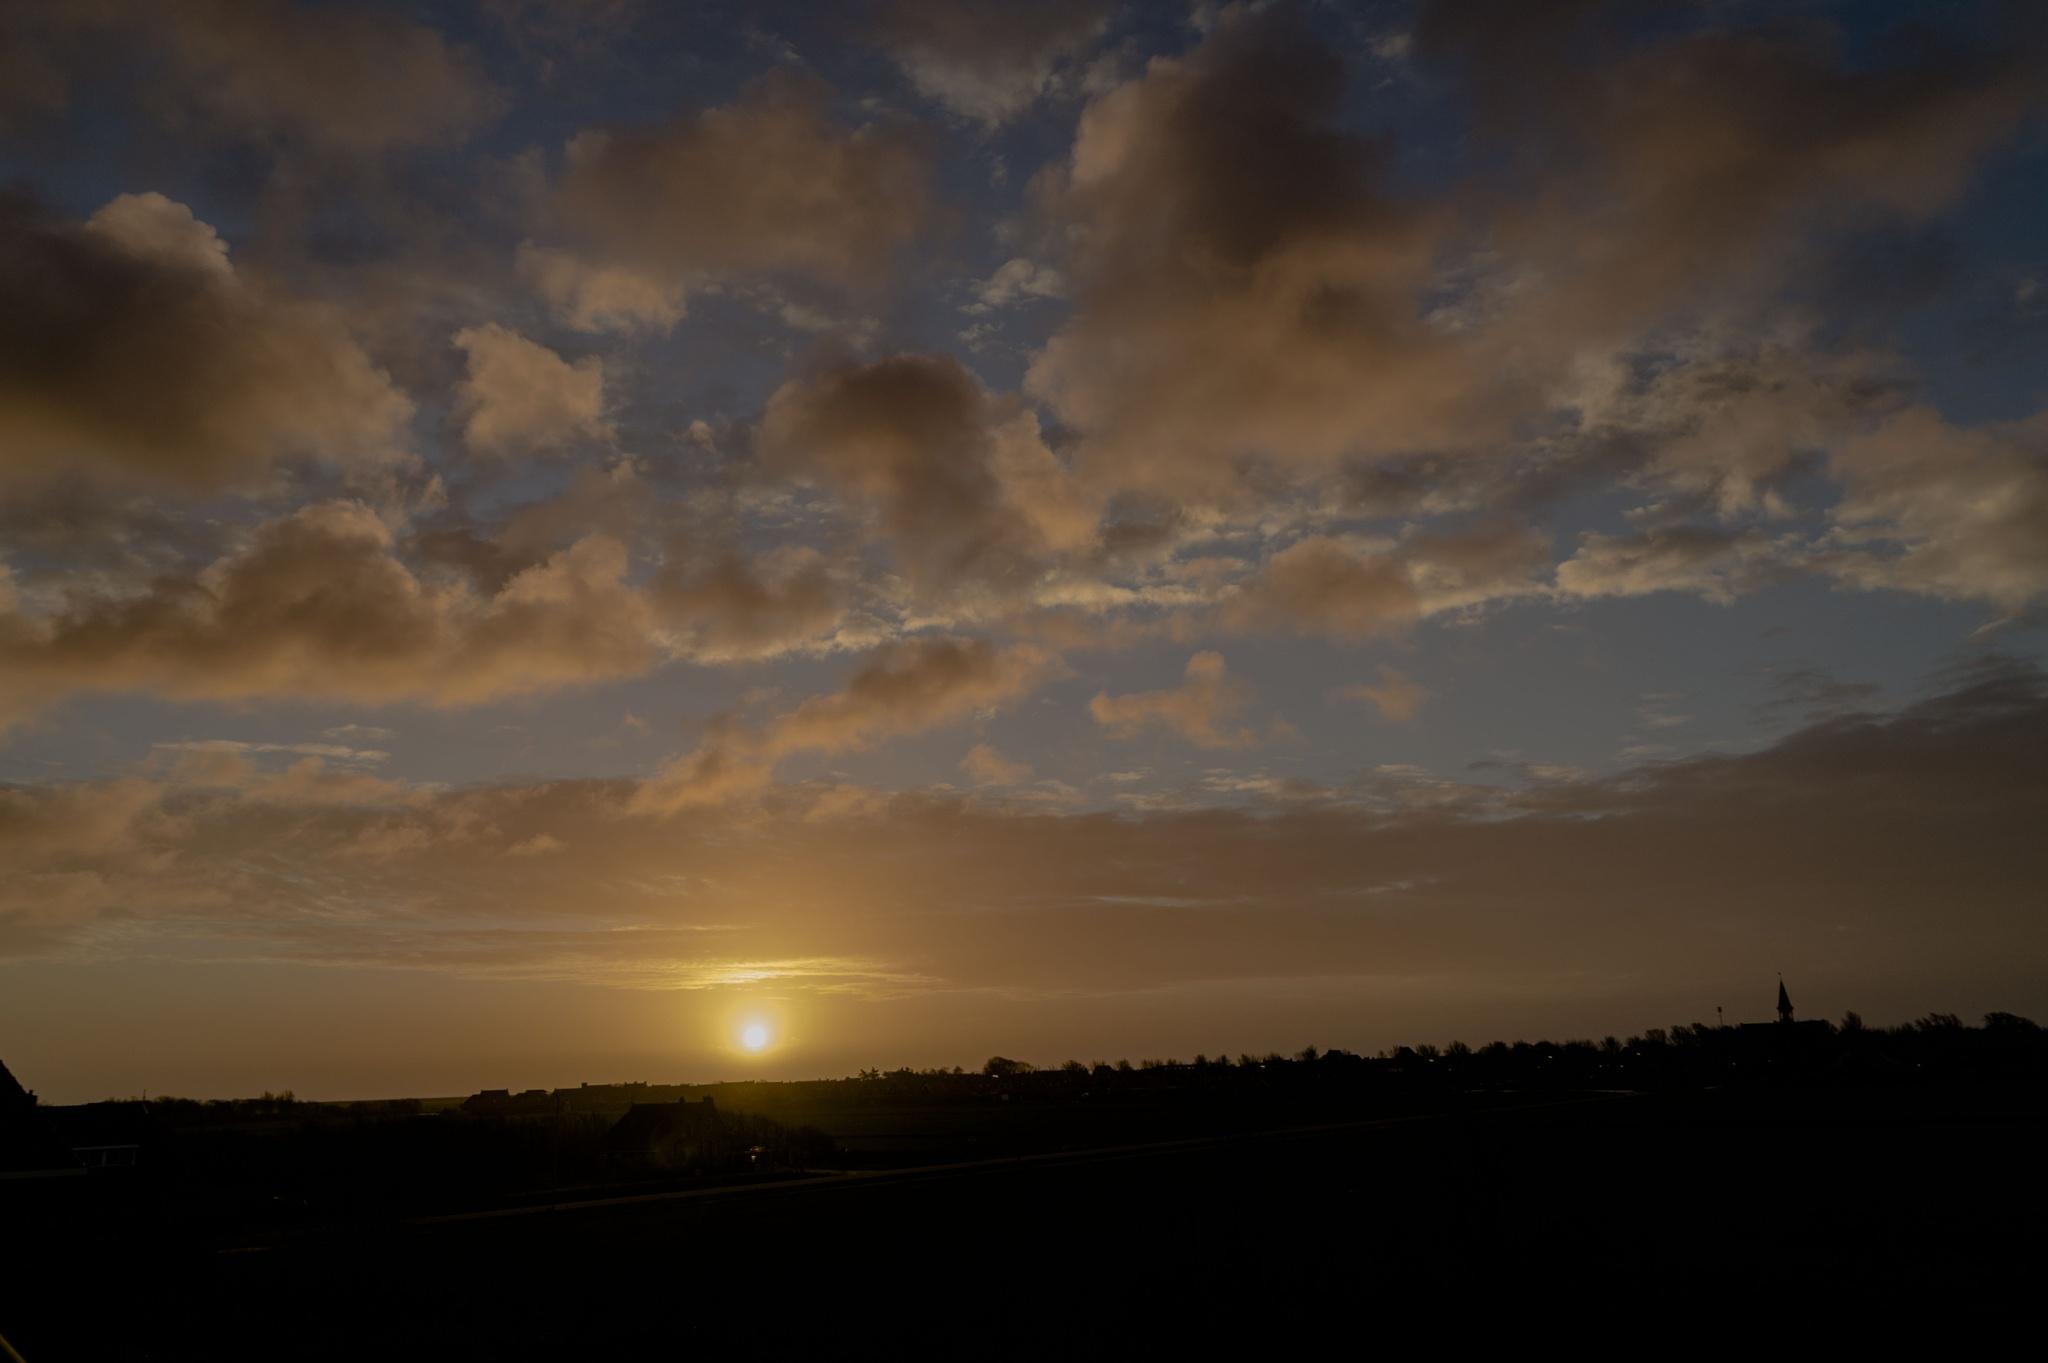 Sunrise at Terschelling  by Roelof de Haan